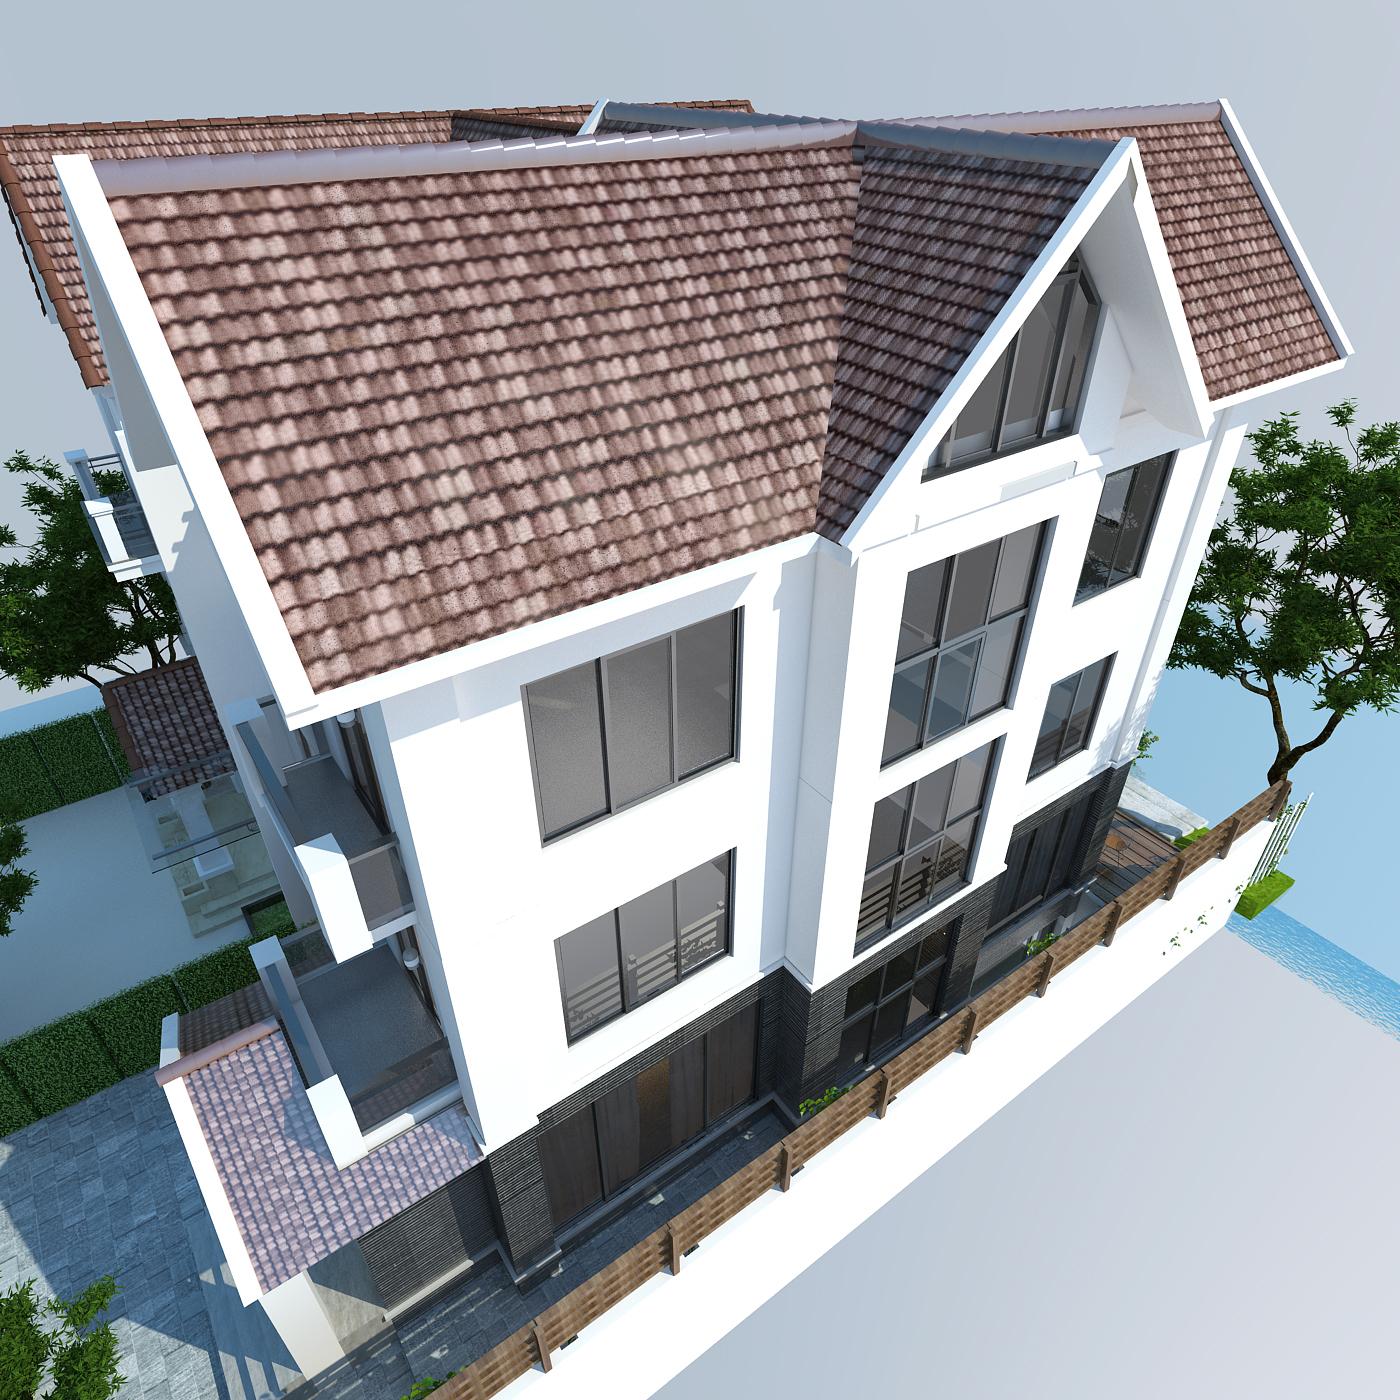 thiết kế nội thất Biệt Thự tại Hà Nội bt Vinhomes - riverside 5 1568085321